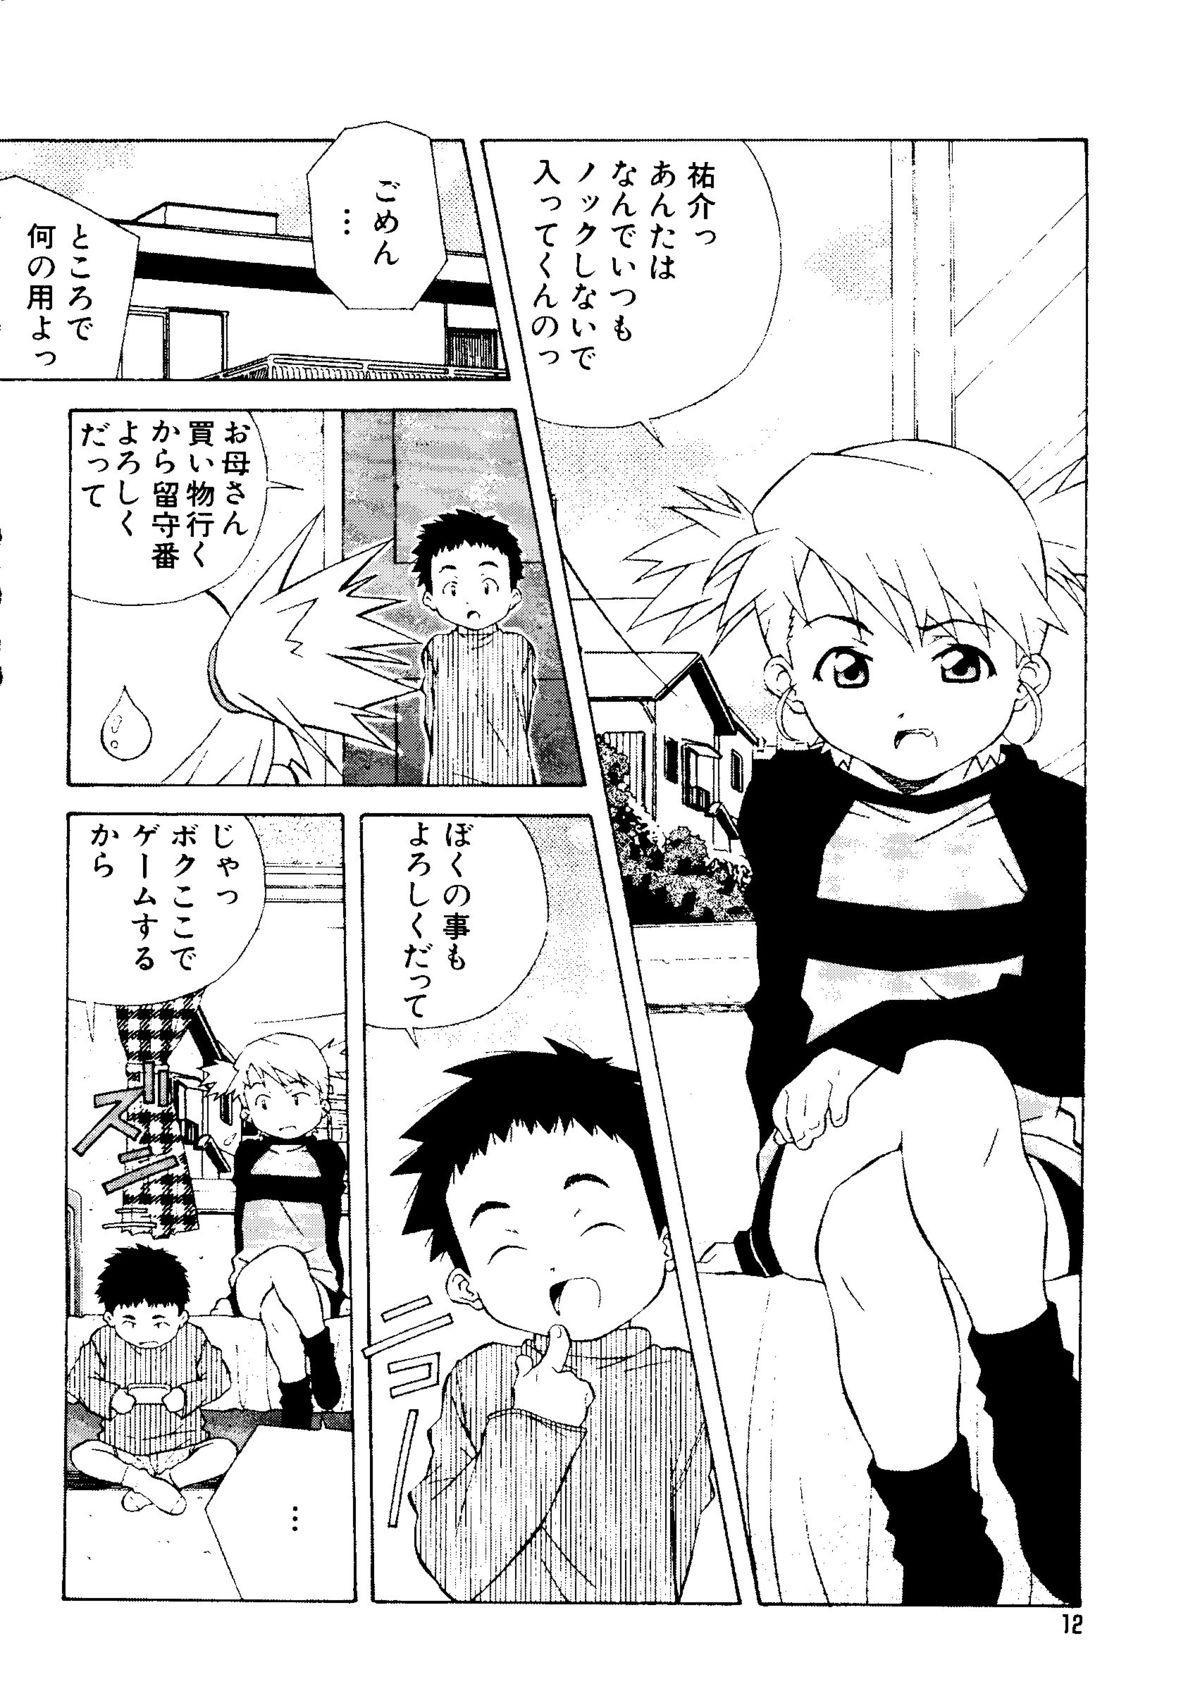 Mujirushi Youhin Vol. 7 10